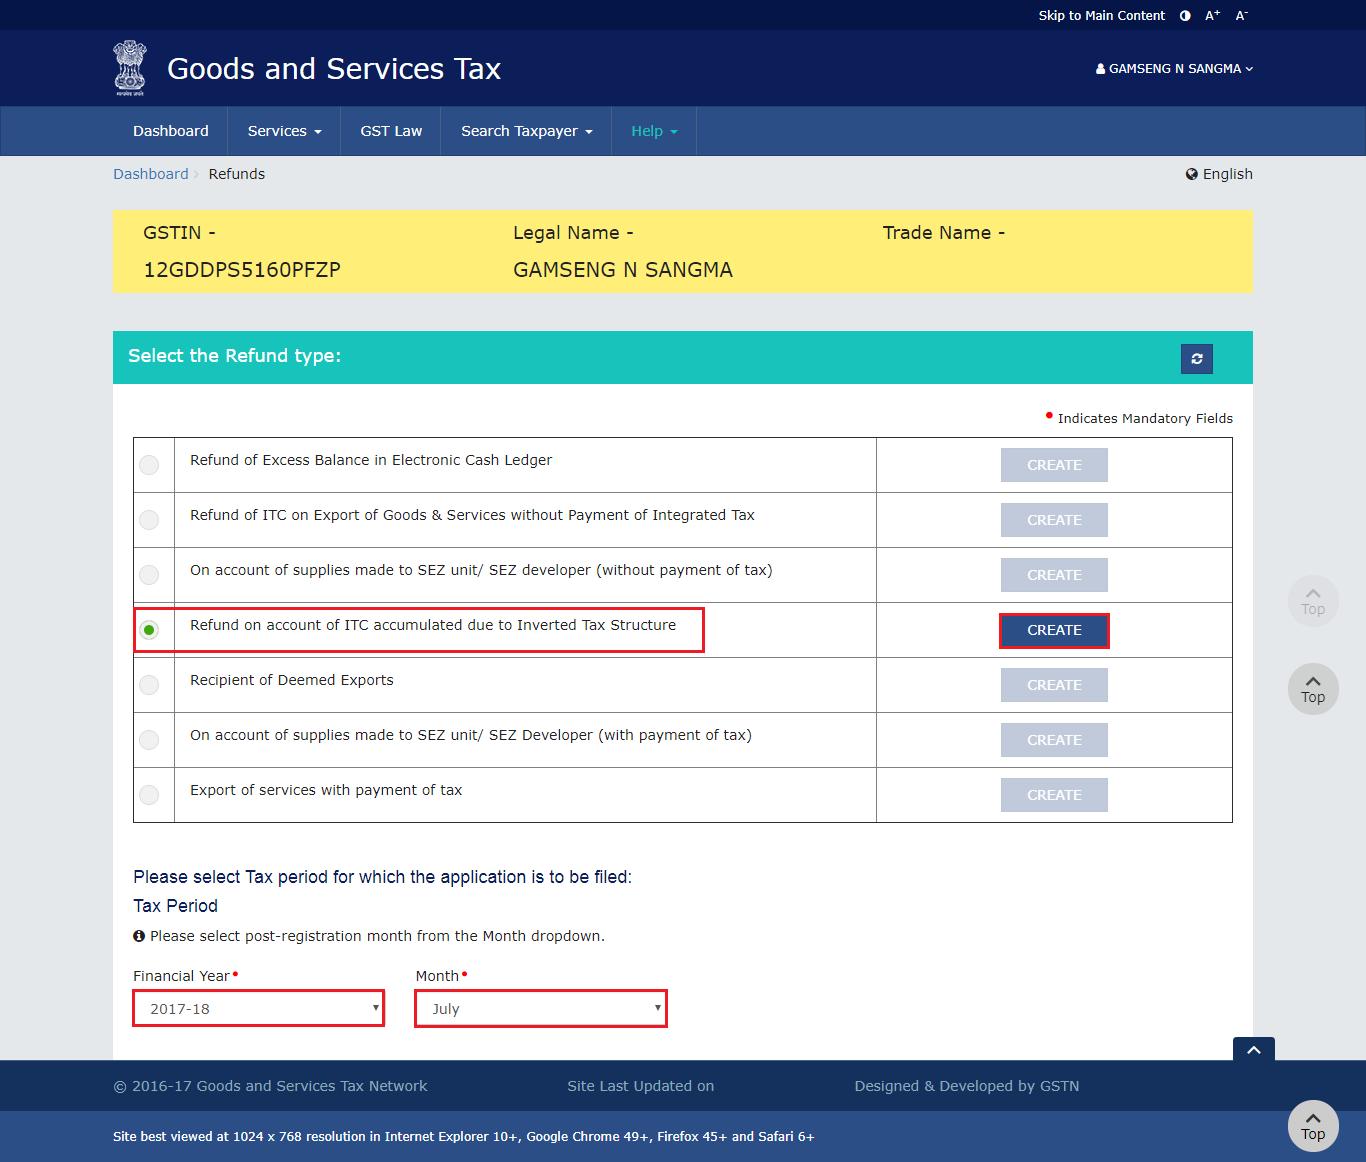 Step 2 - Unutilised Input Tax Credit Refund